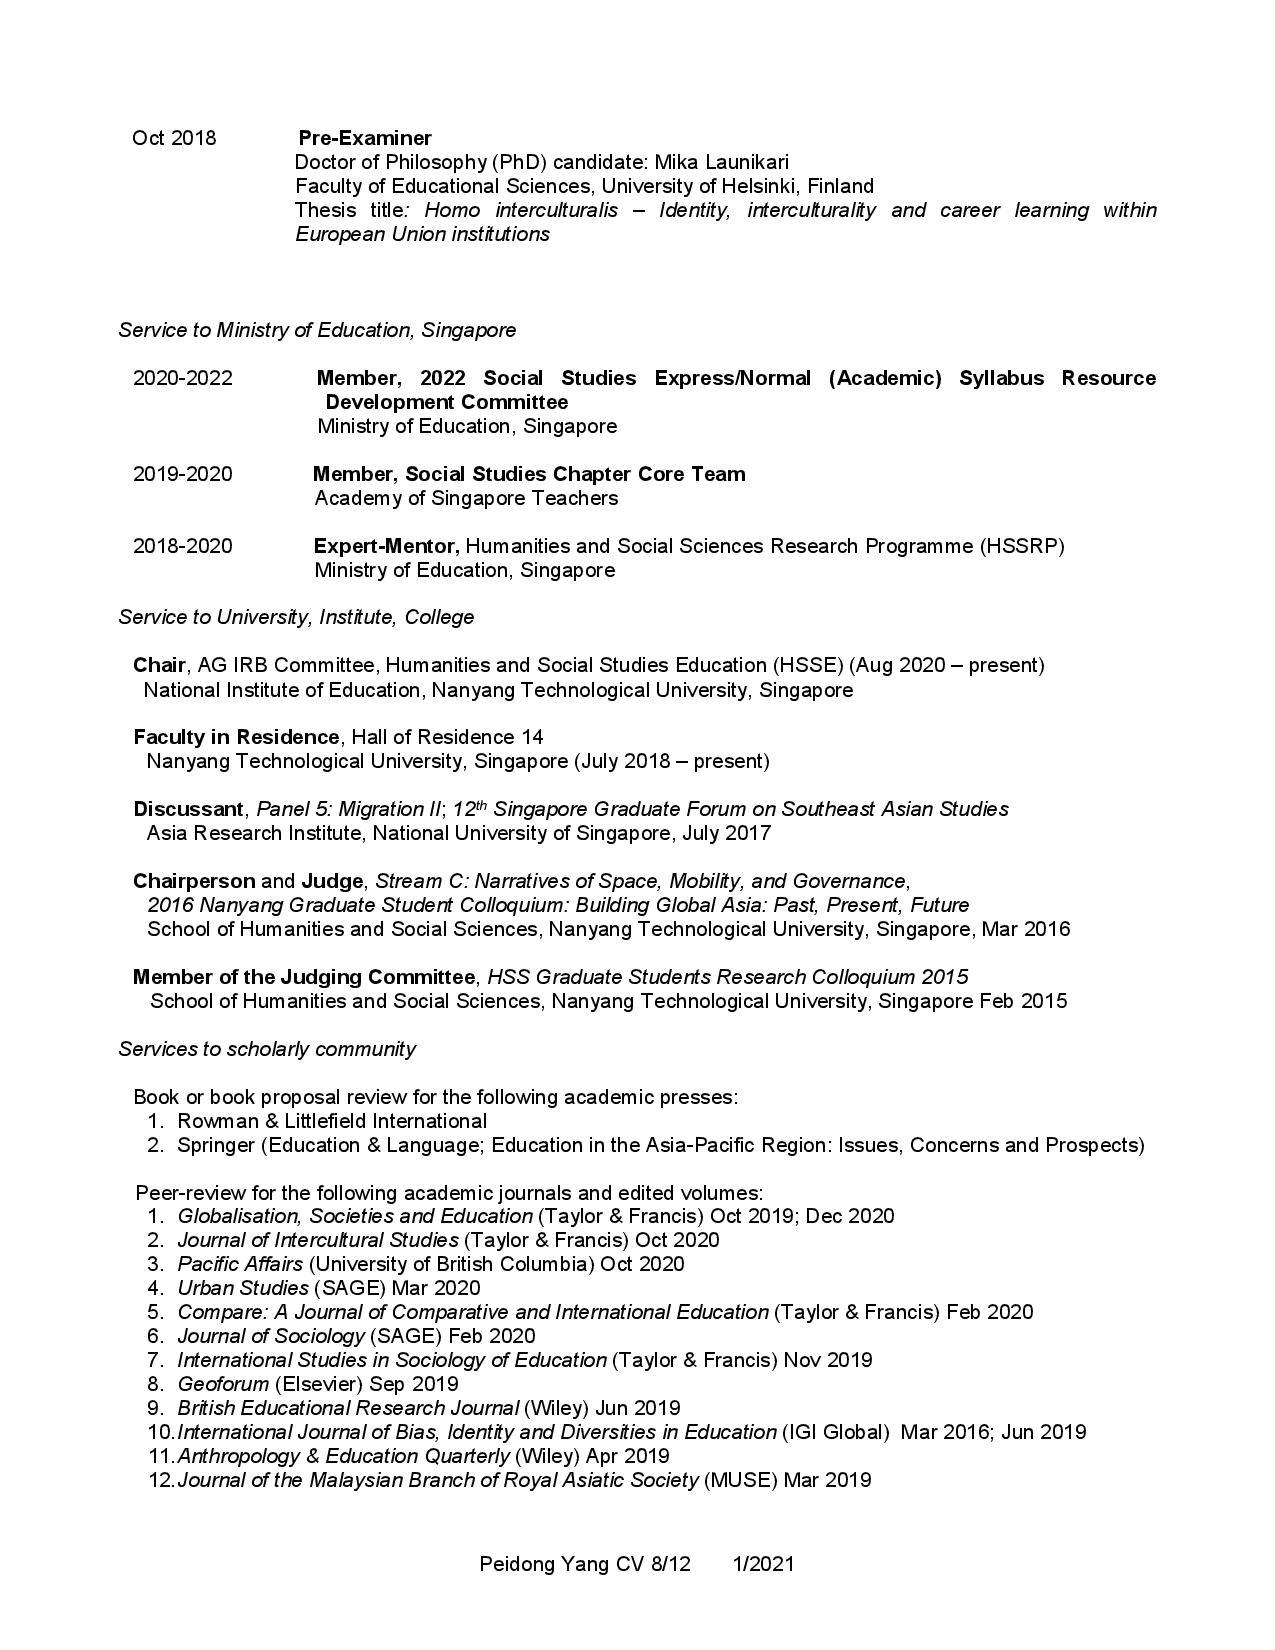 CV YANG Peidong_1.2021-page-008